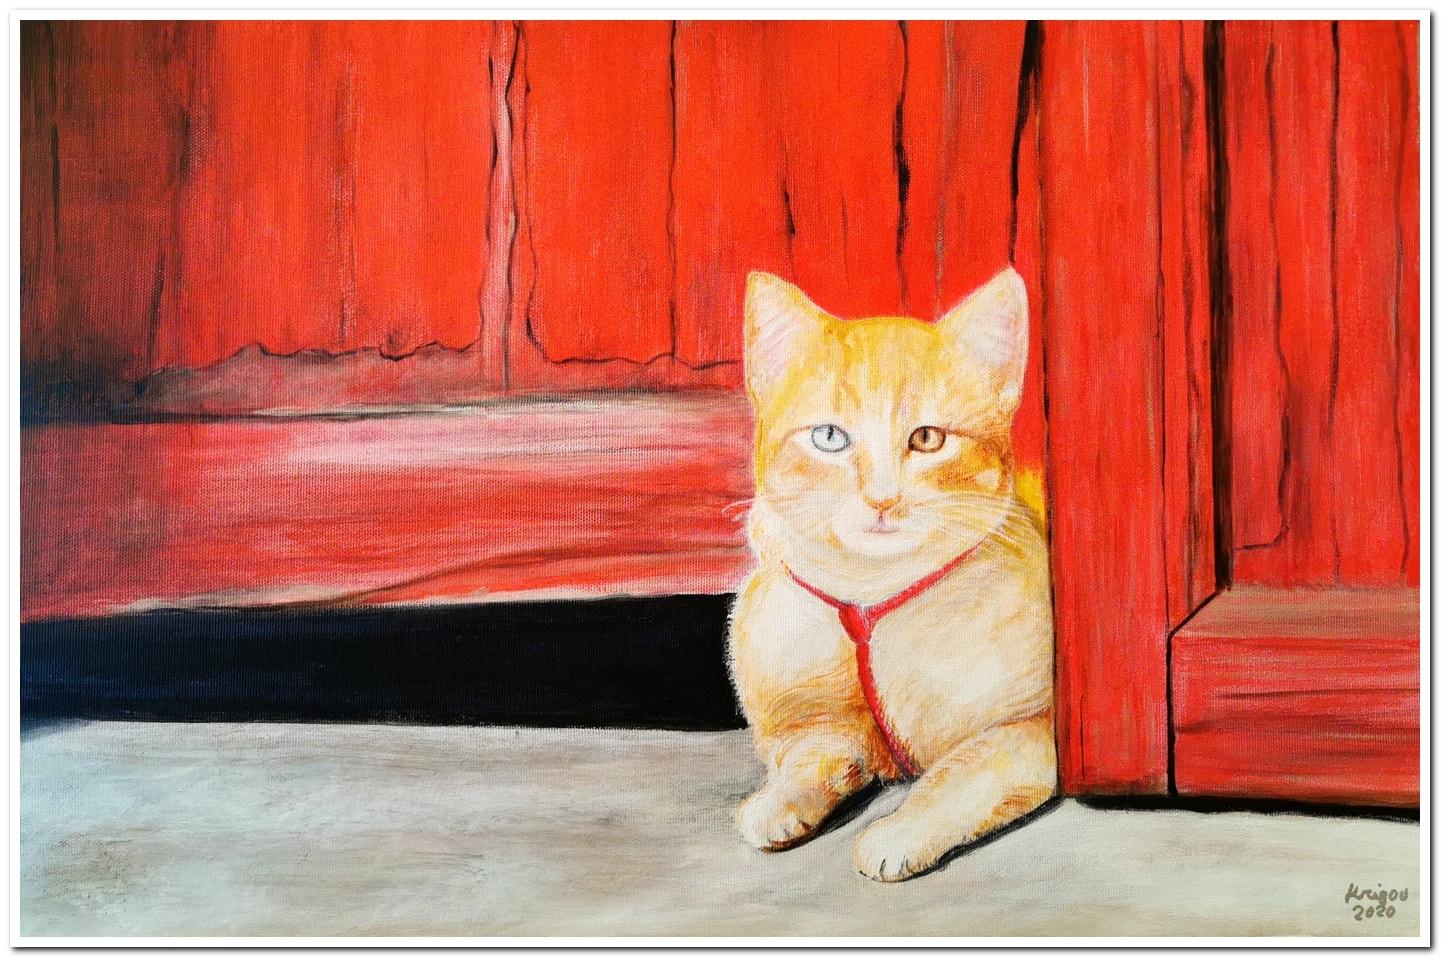 Petit chat aux yeux bicolores - Acrylique sur toile 60 x 40